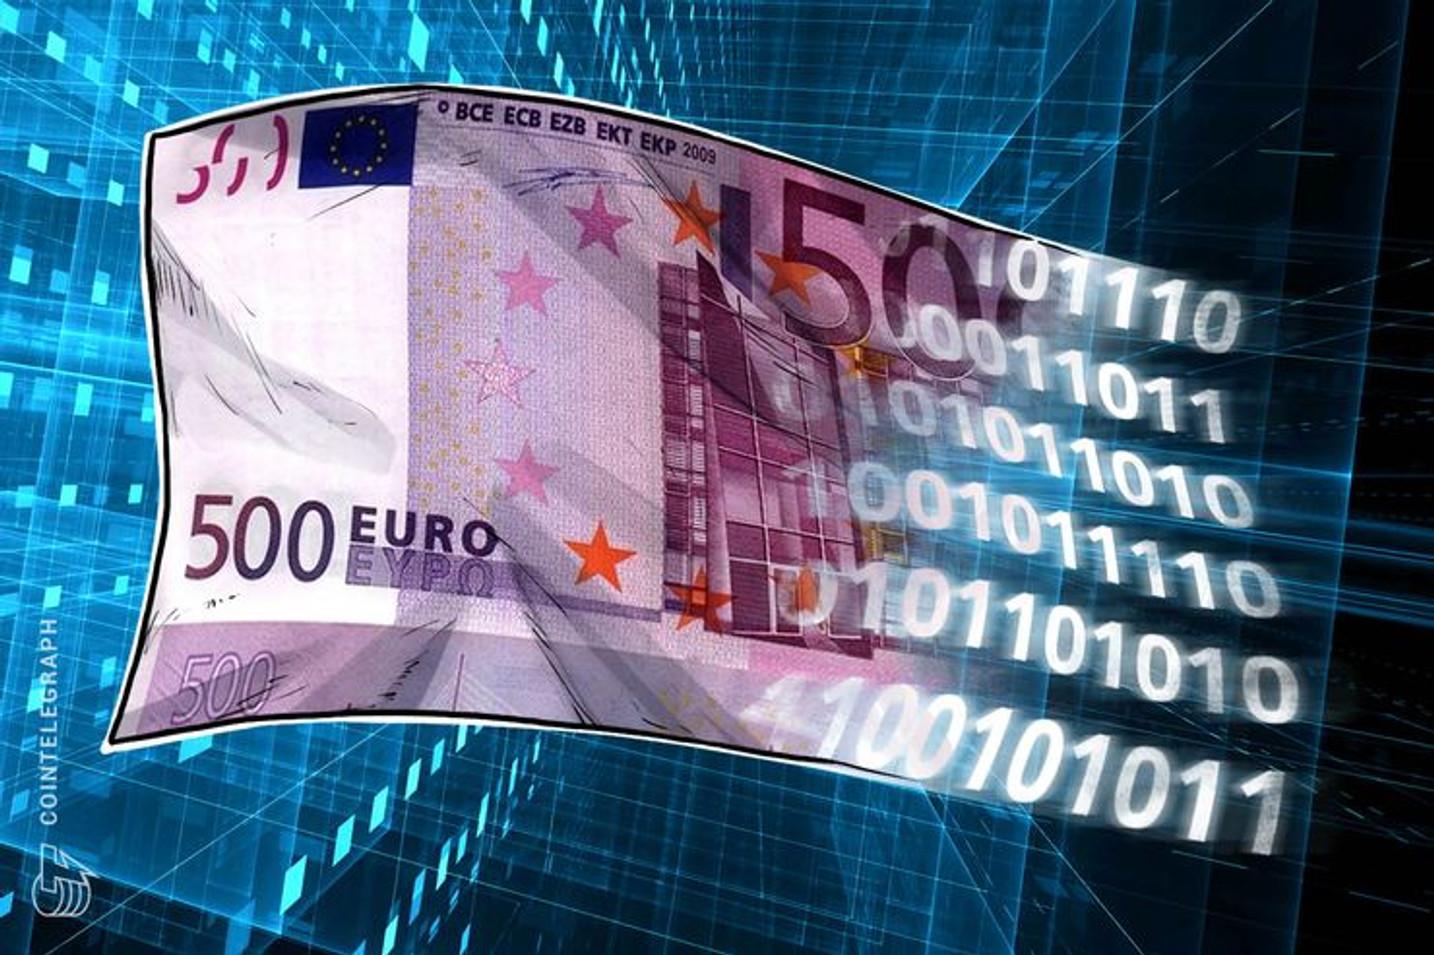 Un showroom de servicios inmobiliarios y energía renovable se convierte en agencia de intermediación de criptomonedas en España